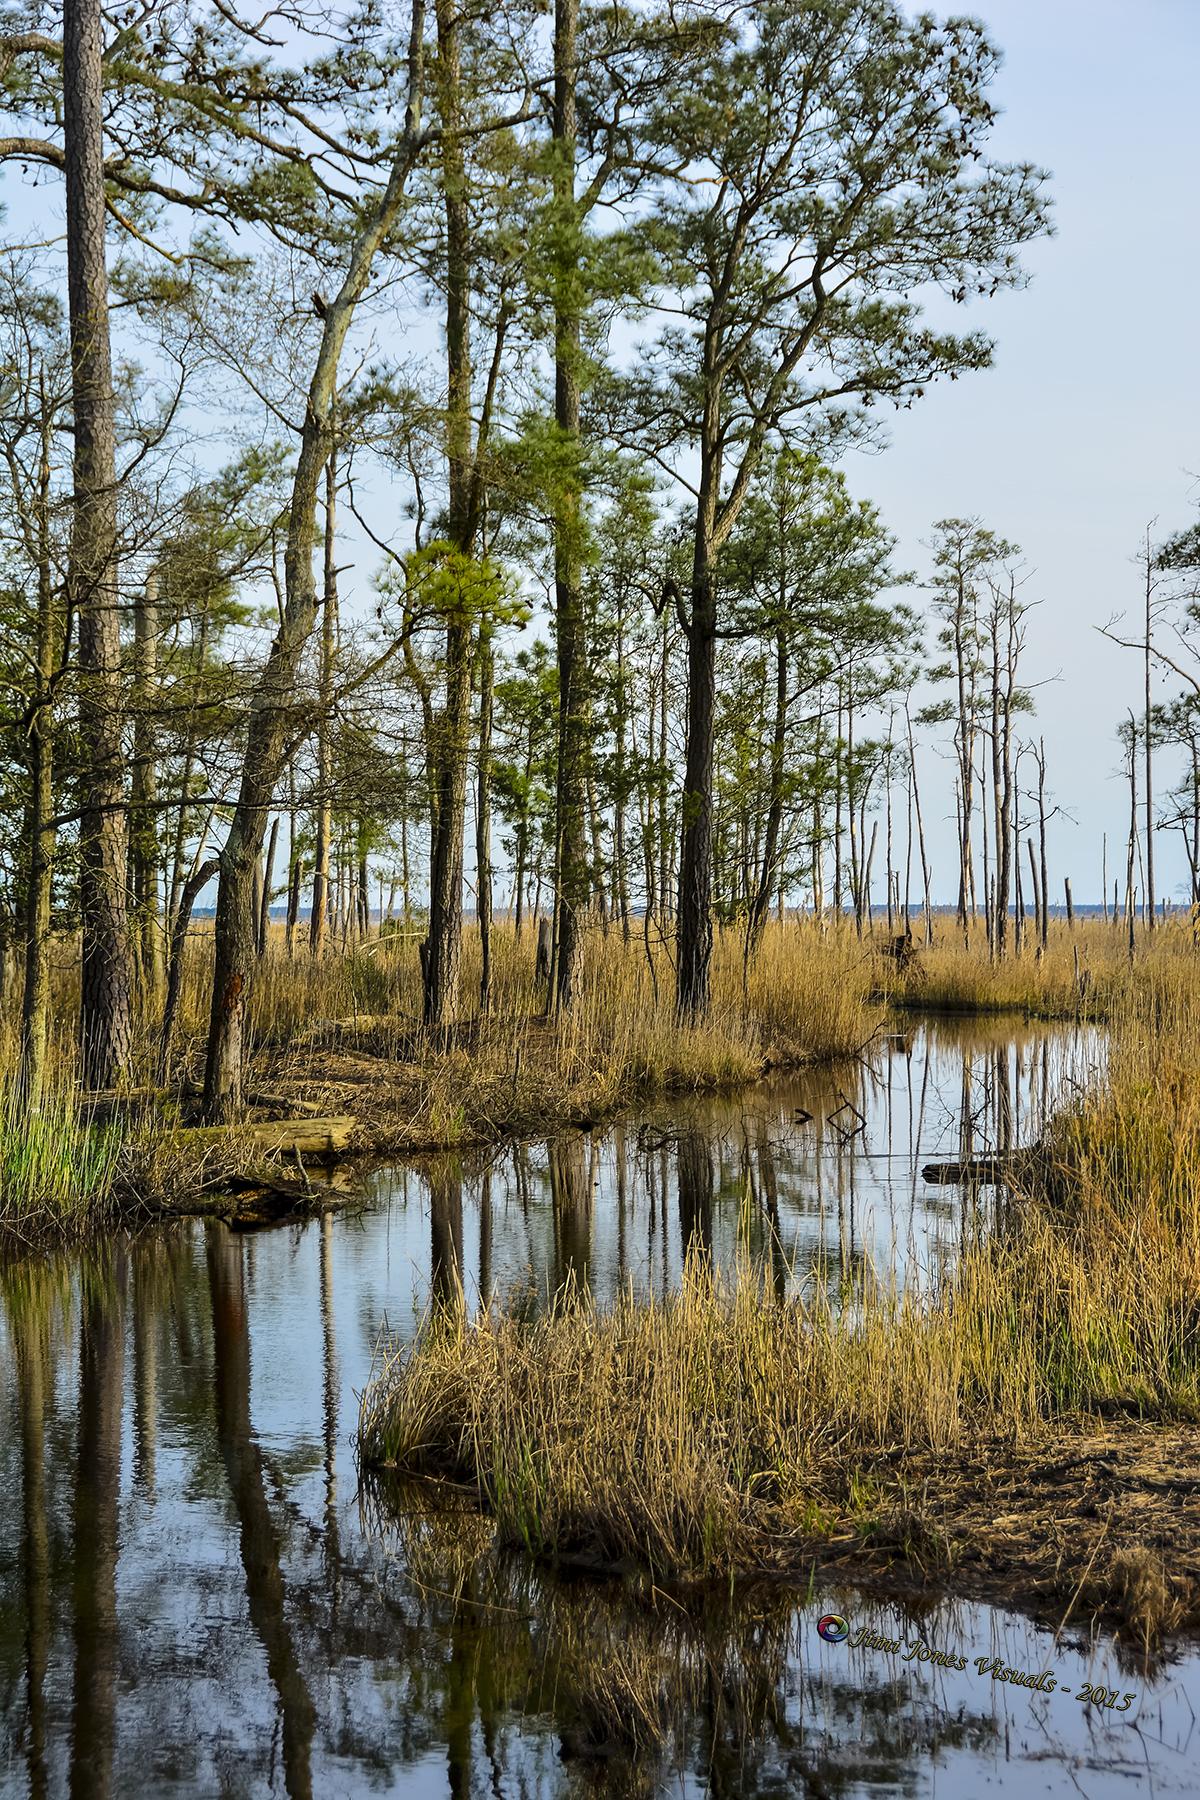 Marshland - Blackwater Wildlife Refuge